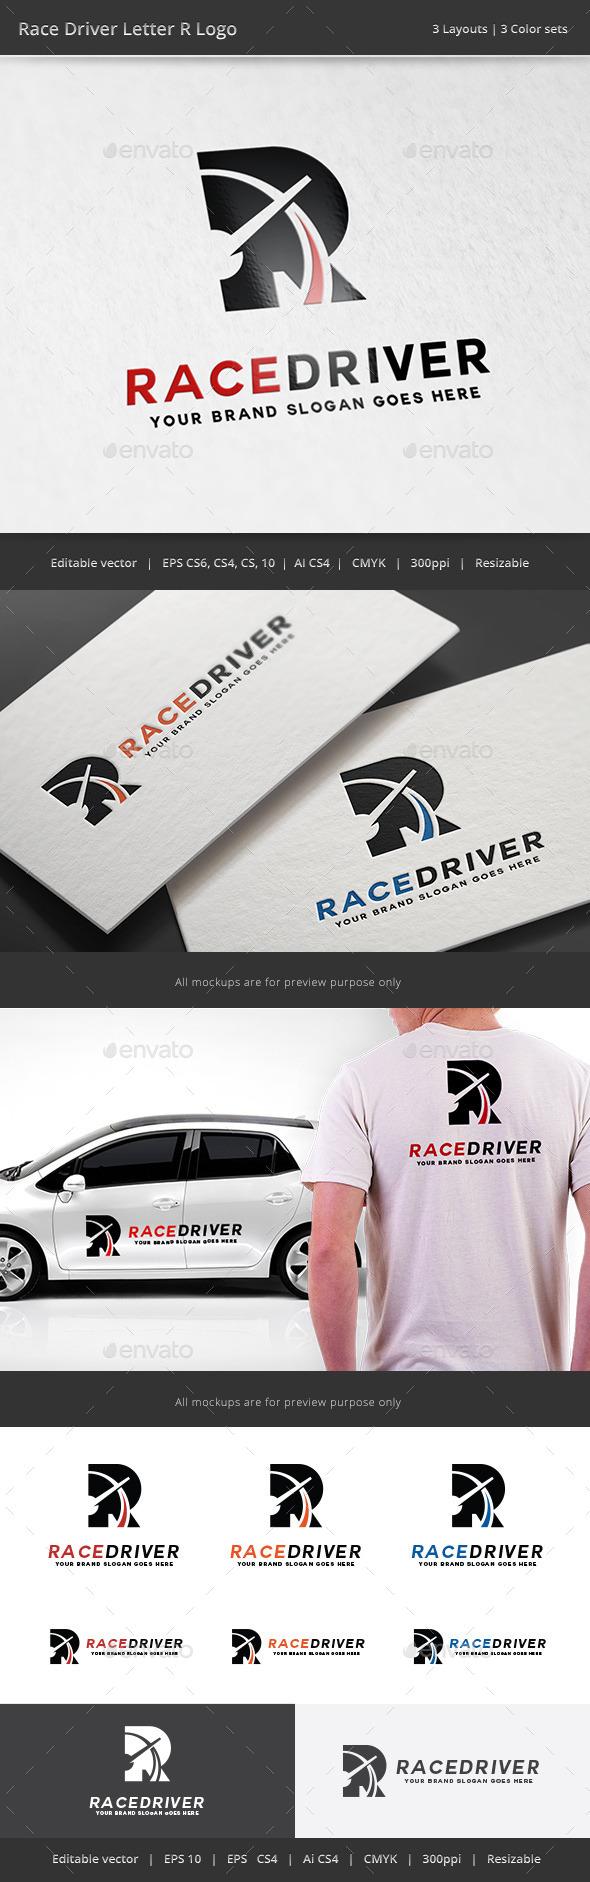 GraphicRiver Race Drvier Letter R Logo 11379321